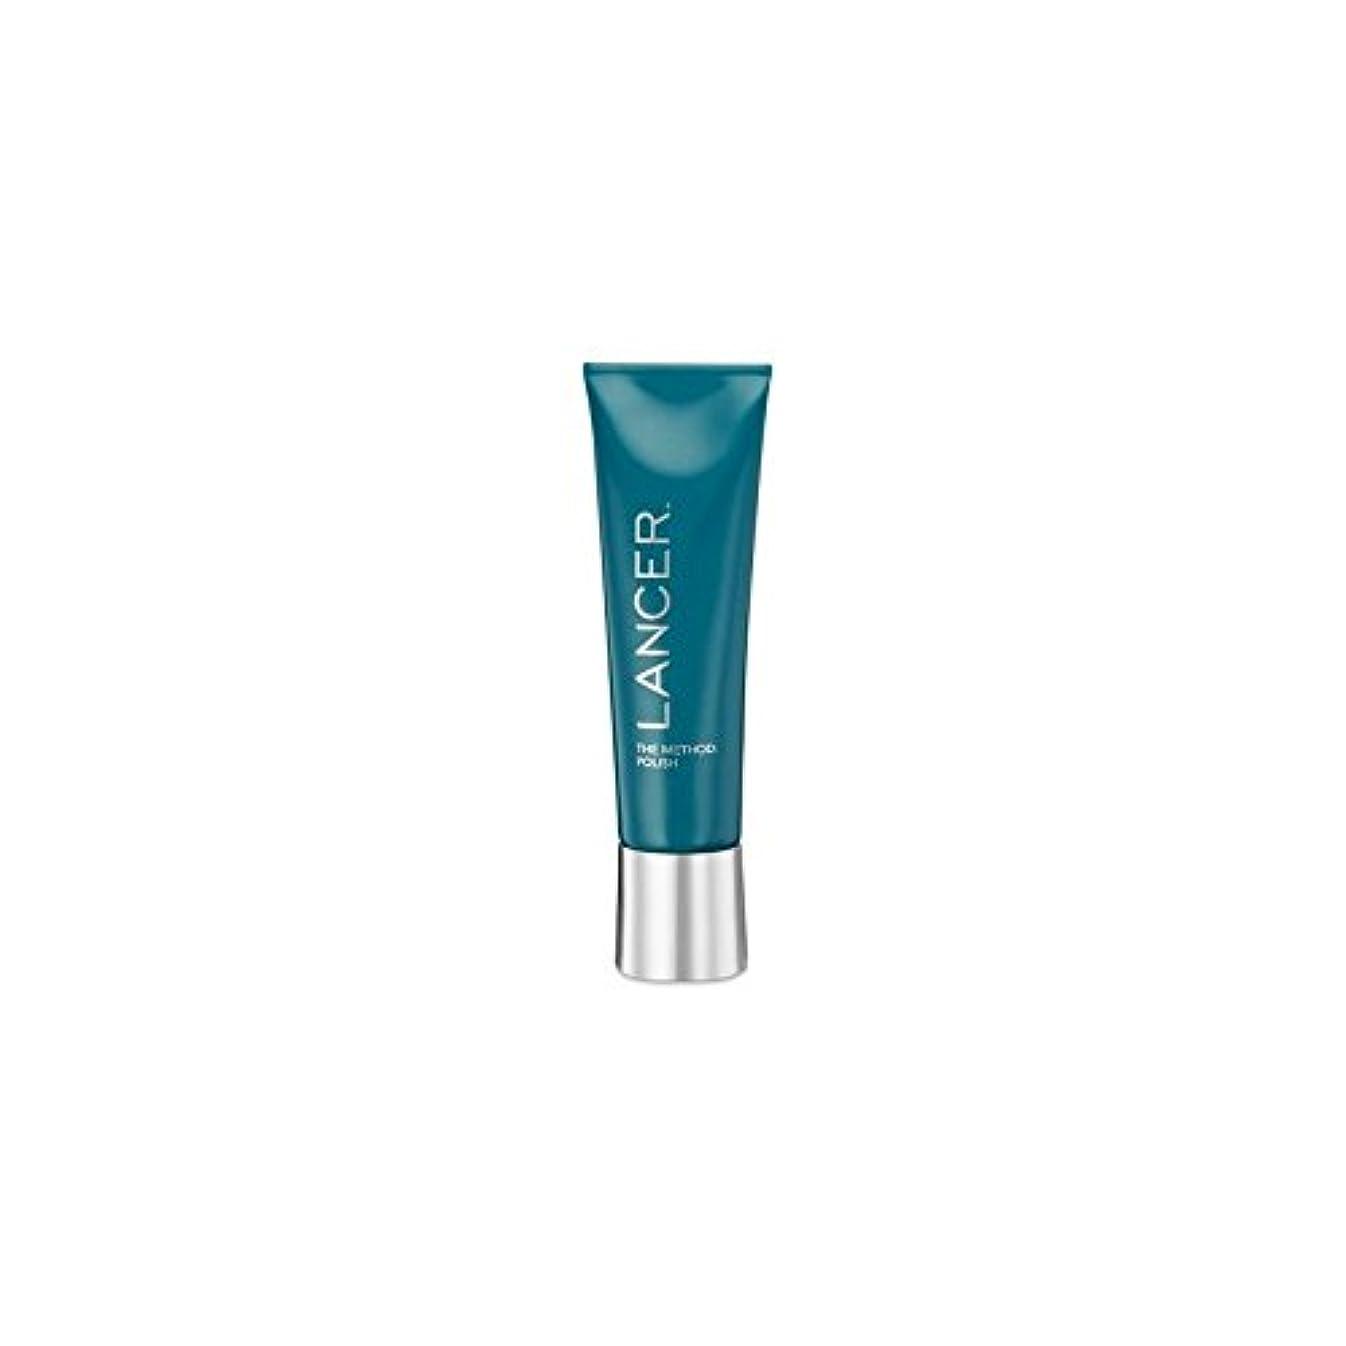 憂慮すべき放射性高層ビルLancer Skincare The Method: Polish (120G) (Pack of 6) - ポリッシュ(120グラム):ランサーは、メソッドをスキンケア x6 [並行輸入品]